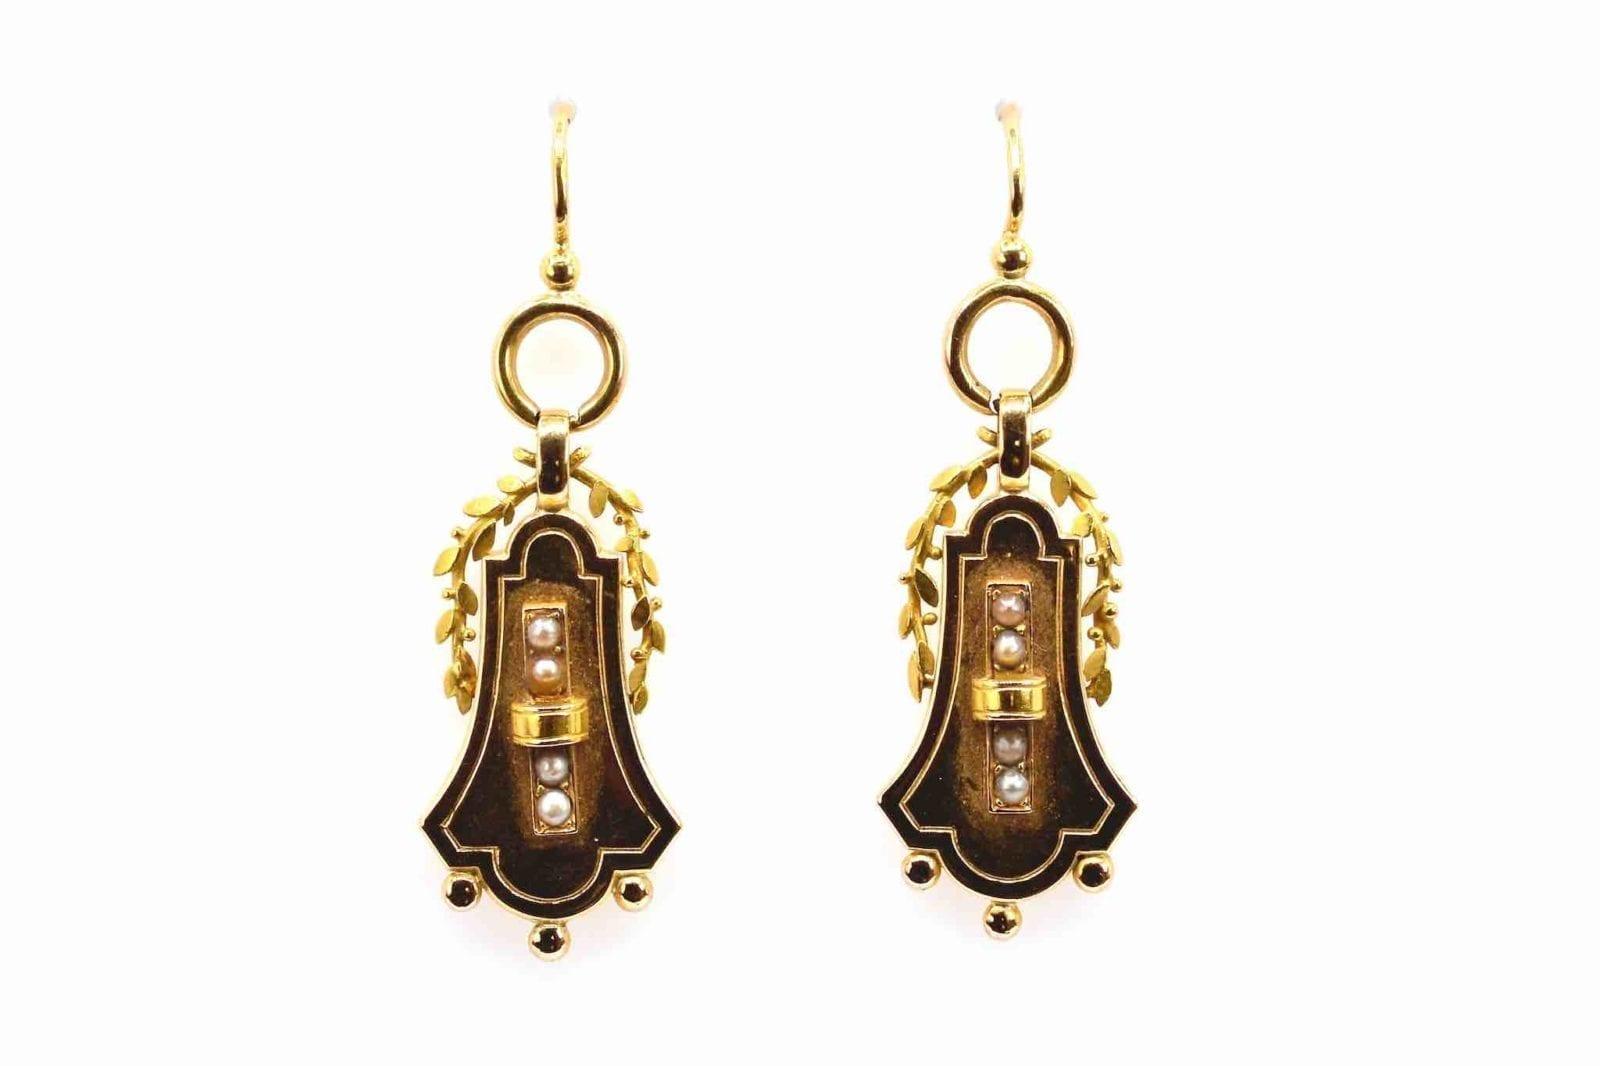 Boucles d'oreilles Napoléon III